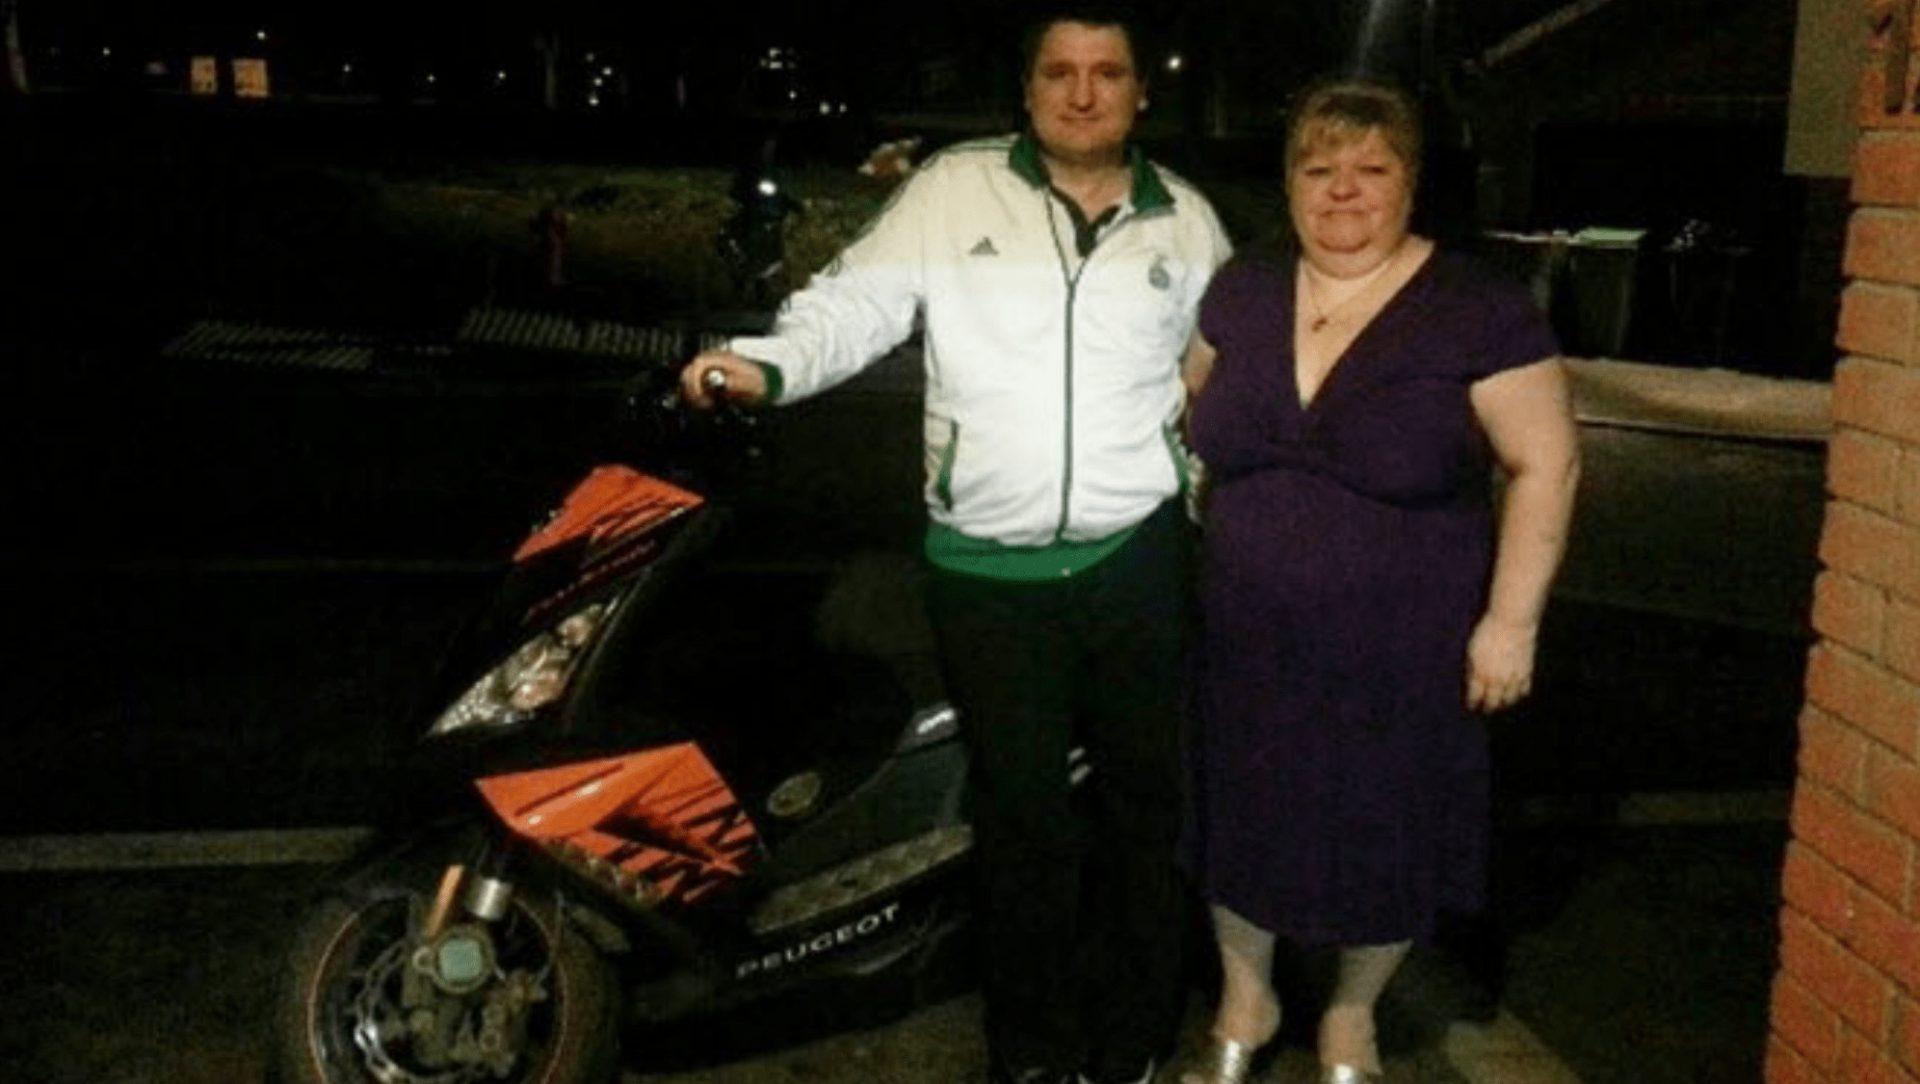 Un supporter fait 800km en scooter pour voir un match de Saint-Etienne avec sa femme… mais le couple arrive après le coup de sifflet final